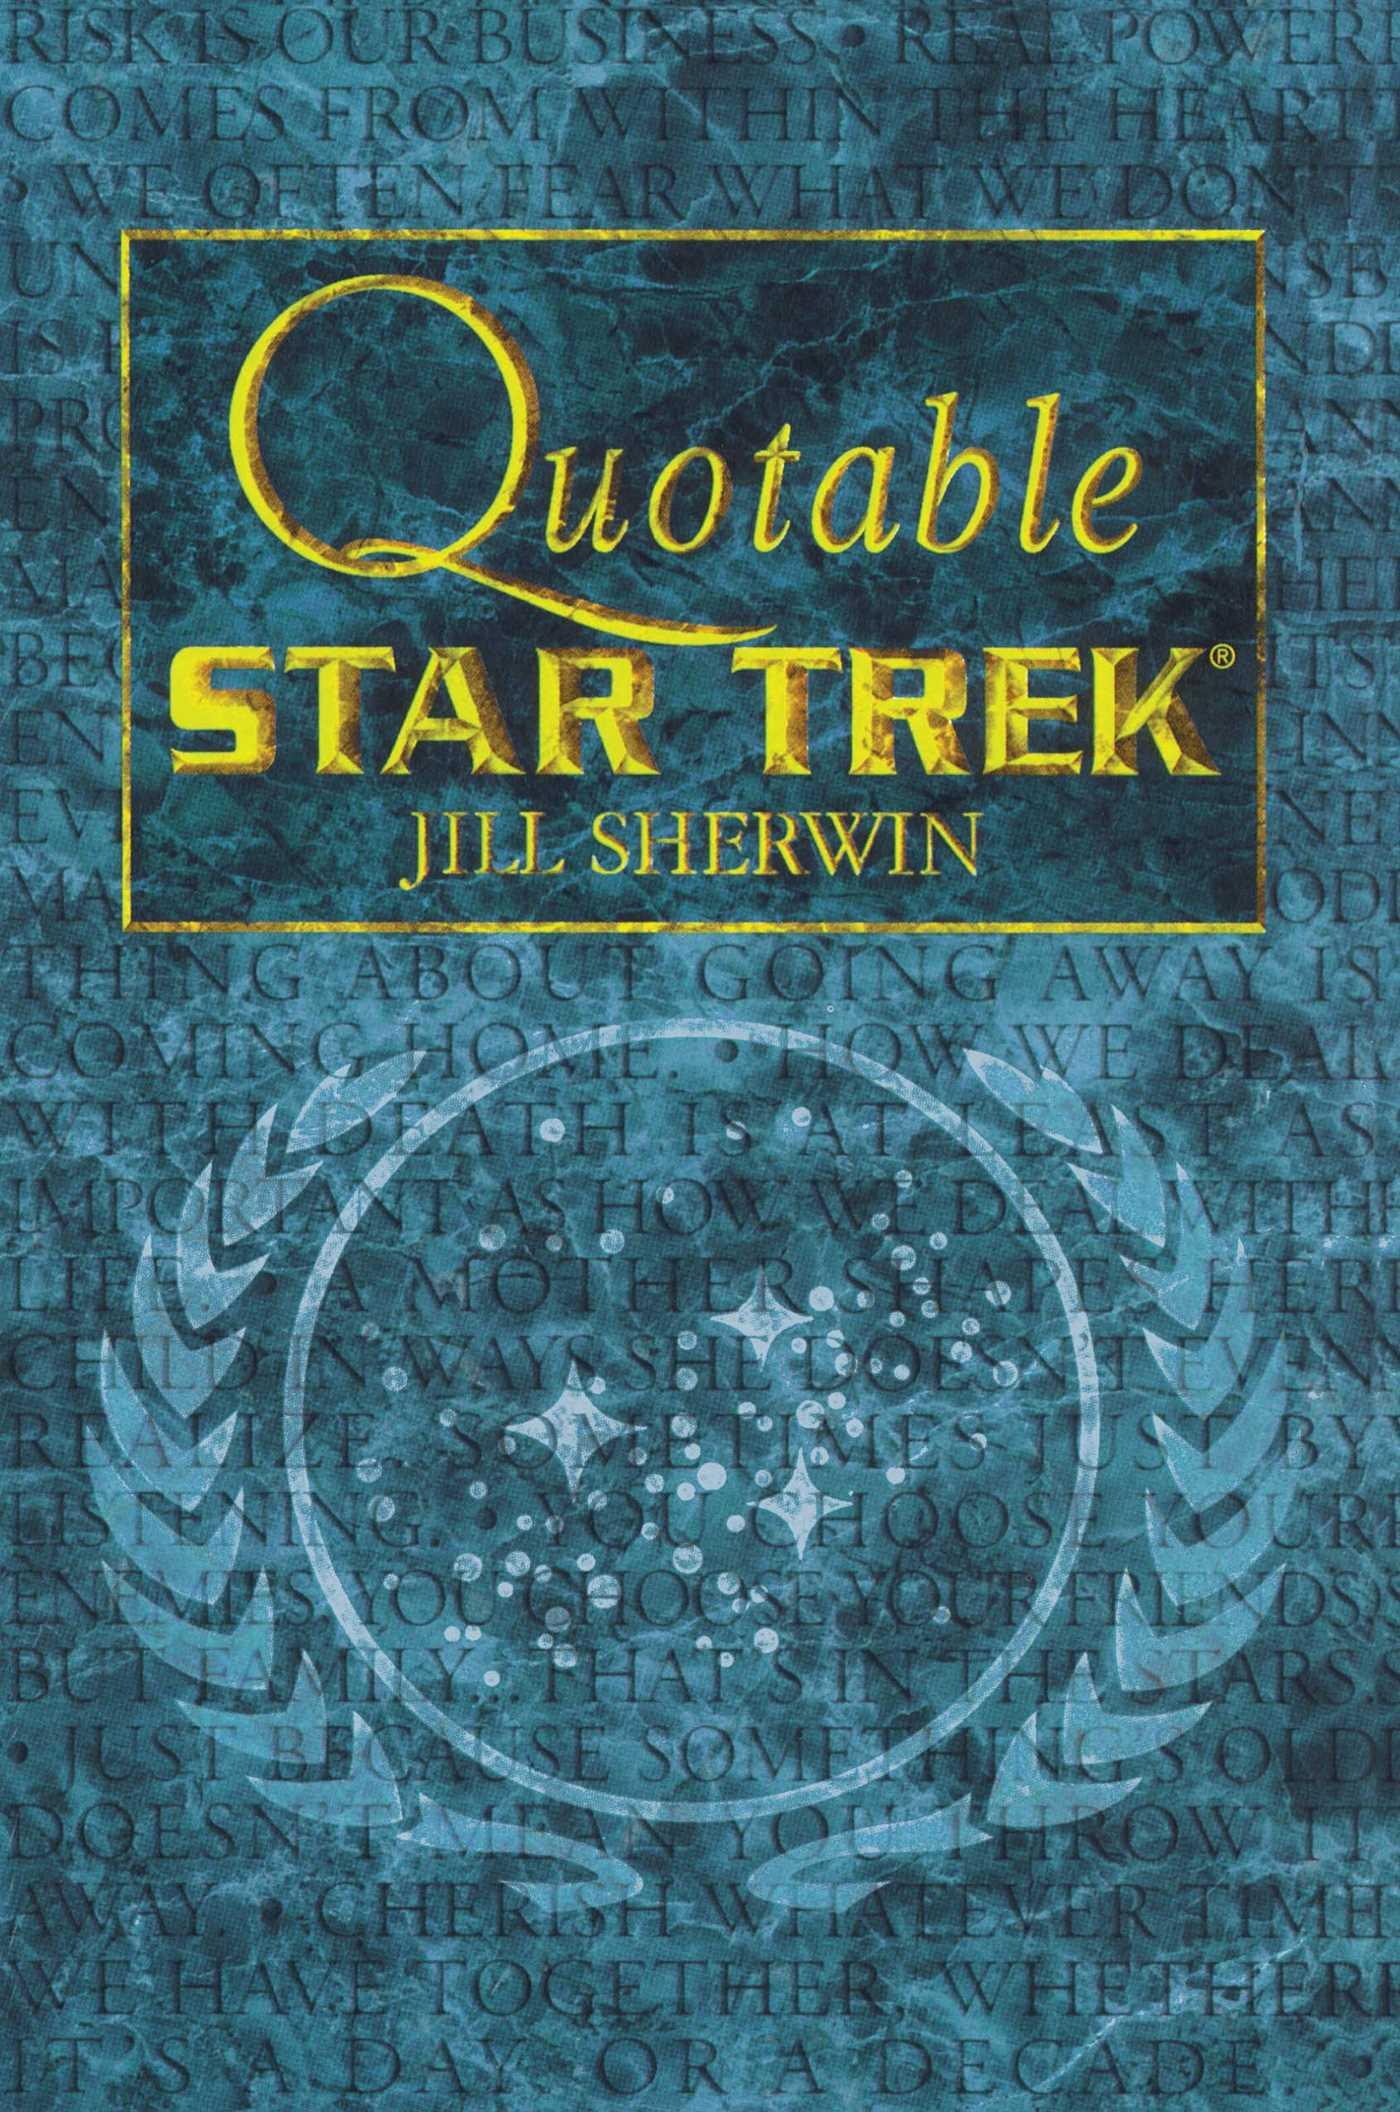 Star trek quotable star trek 9780671024574 hr